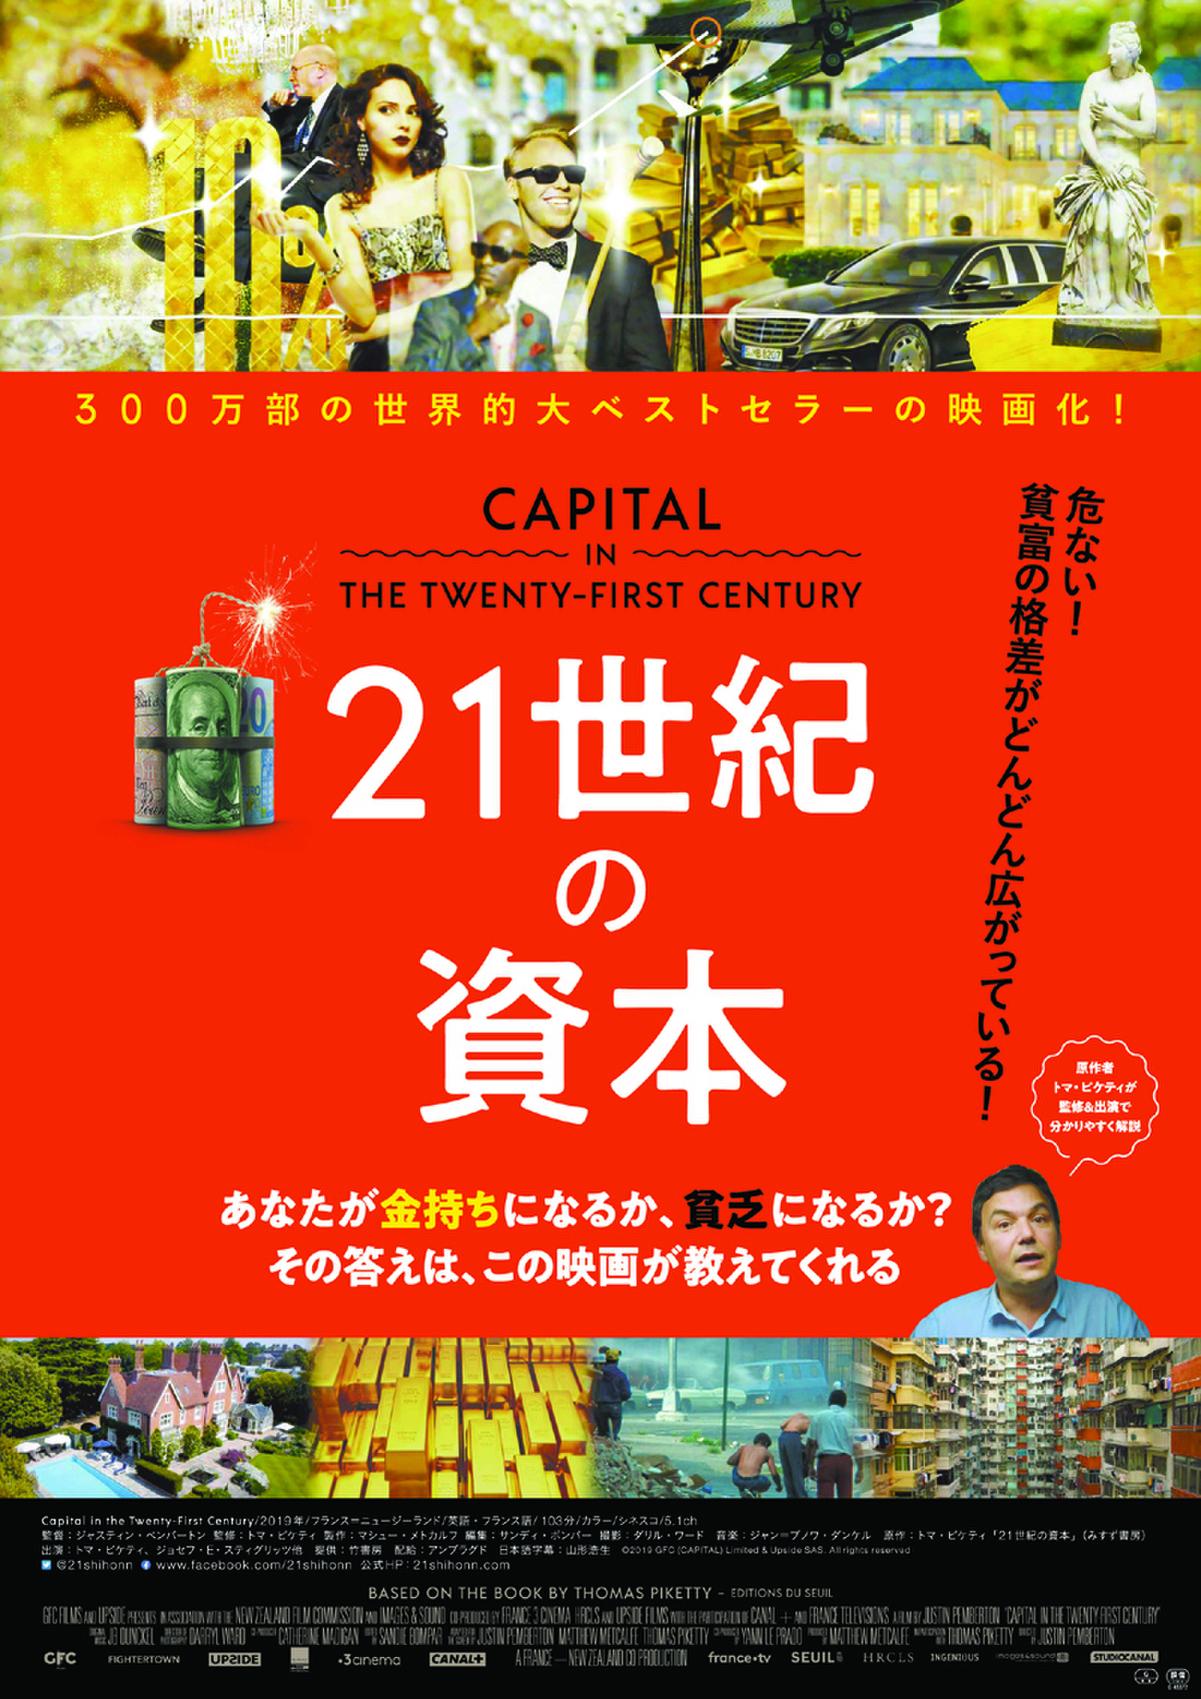 映画版「21世紀の資本」予告 ピケティ本人が監修&出演、数式を使わず ...